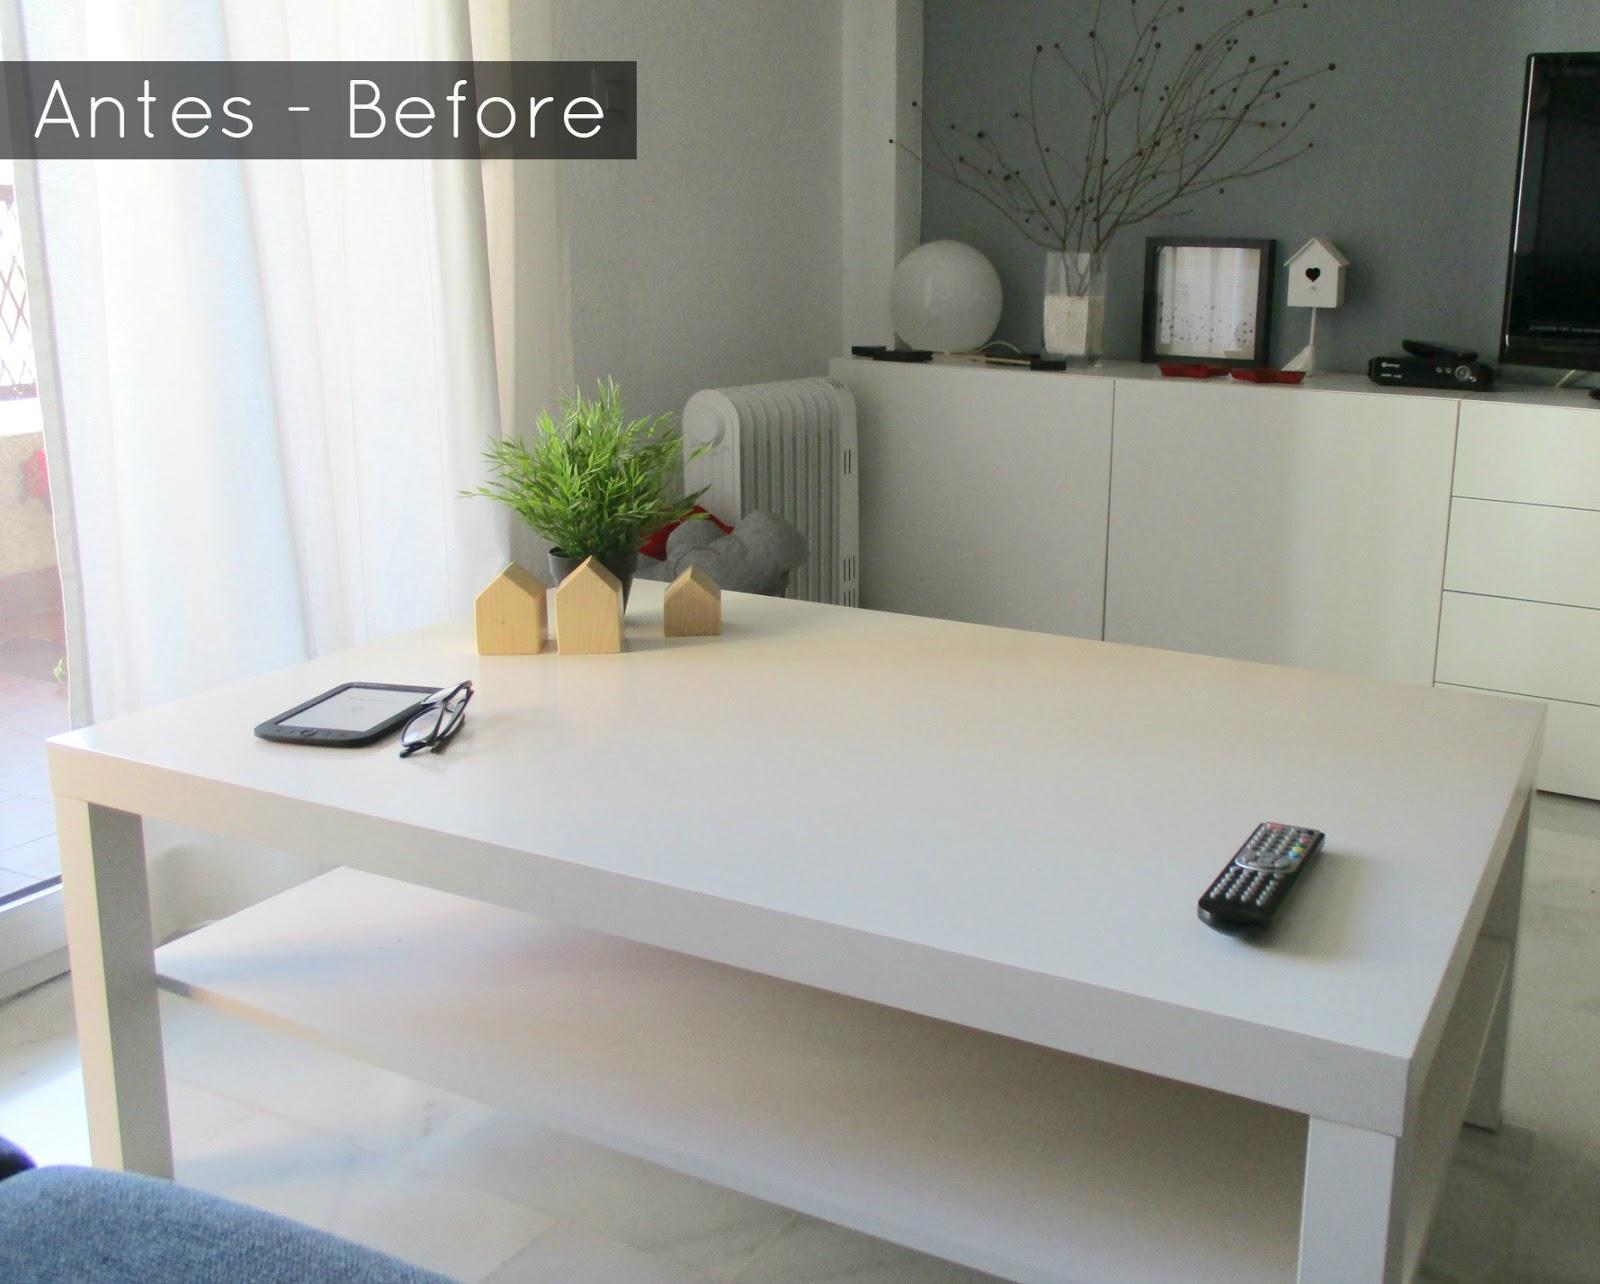 Antes y Despues: Renovando mi mesa Lack de Ikea - La Buhardilla ...